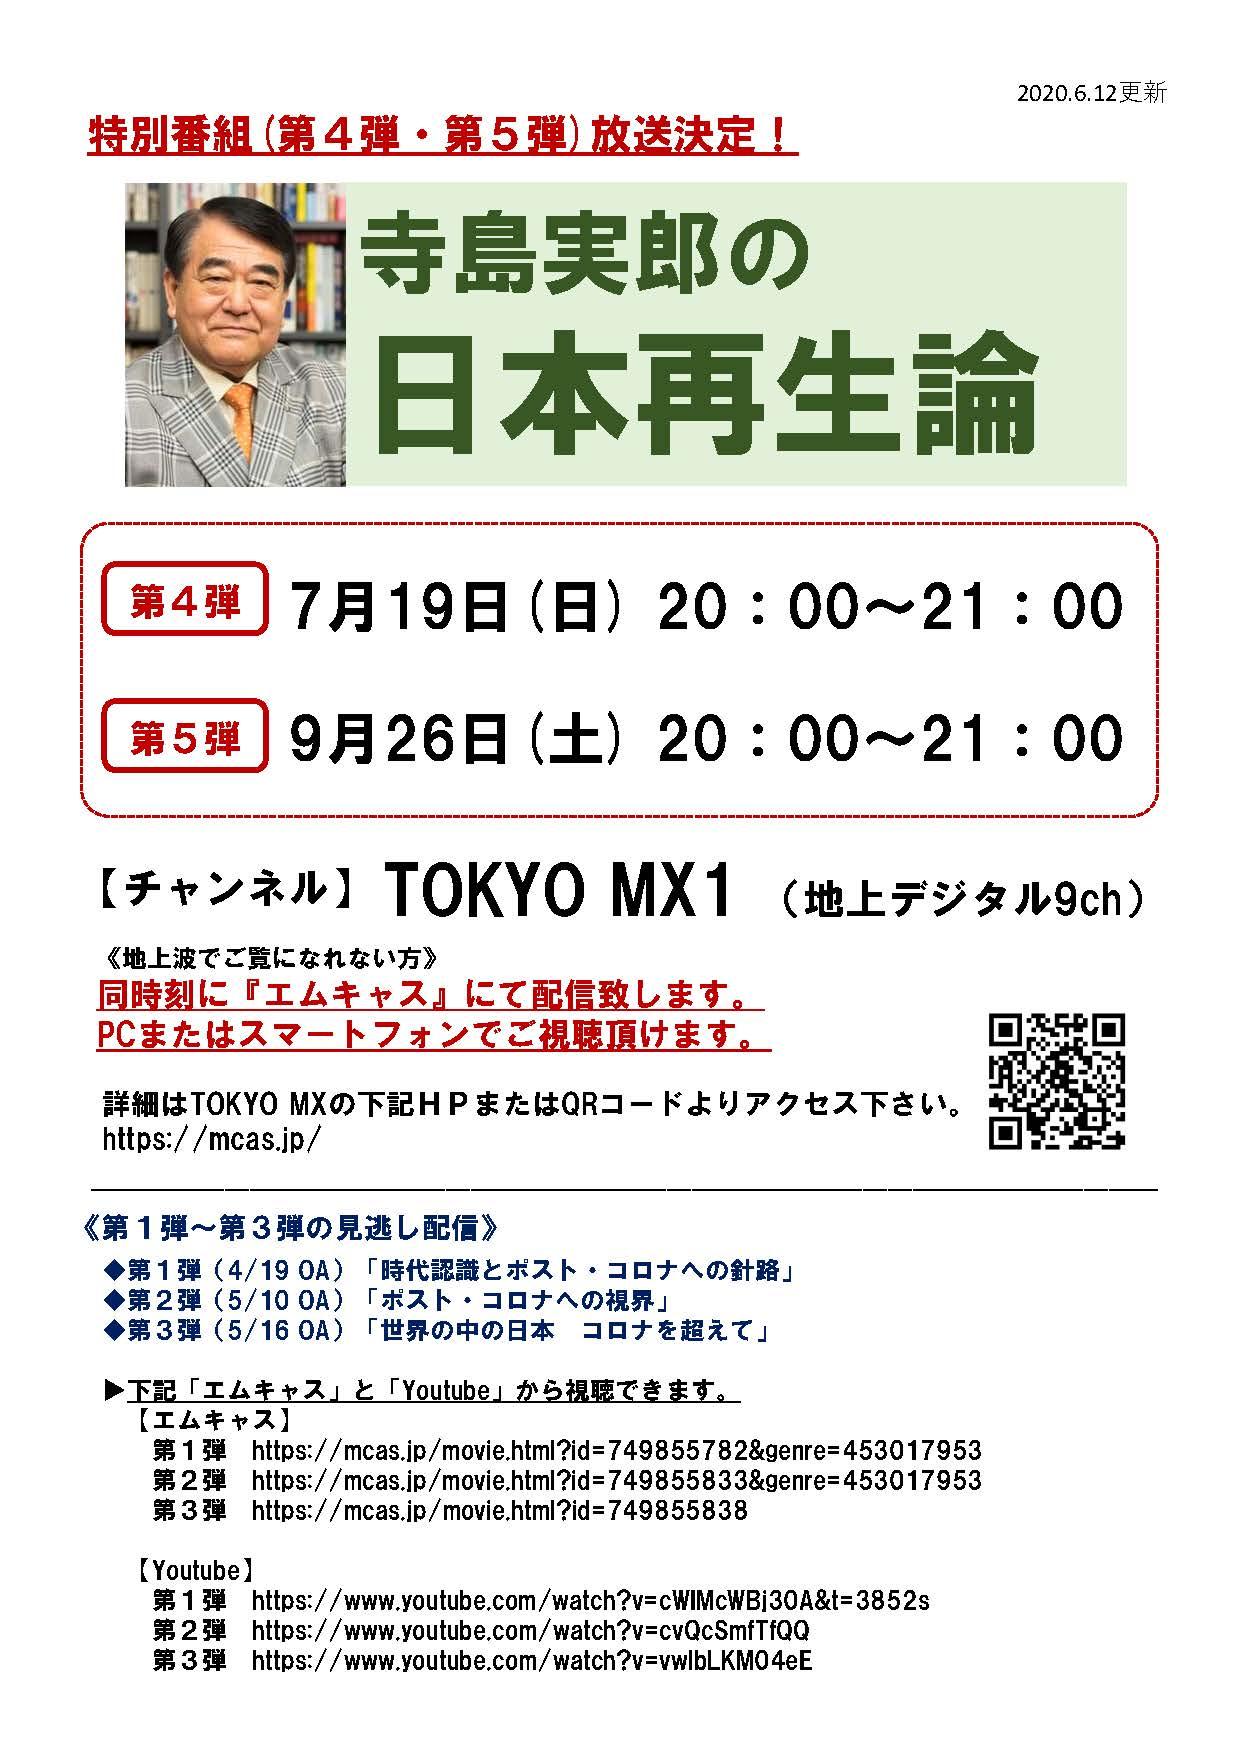 ★【特別番組ご案内】TOKYO MX [第4、5弾] _0612更新.jpg